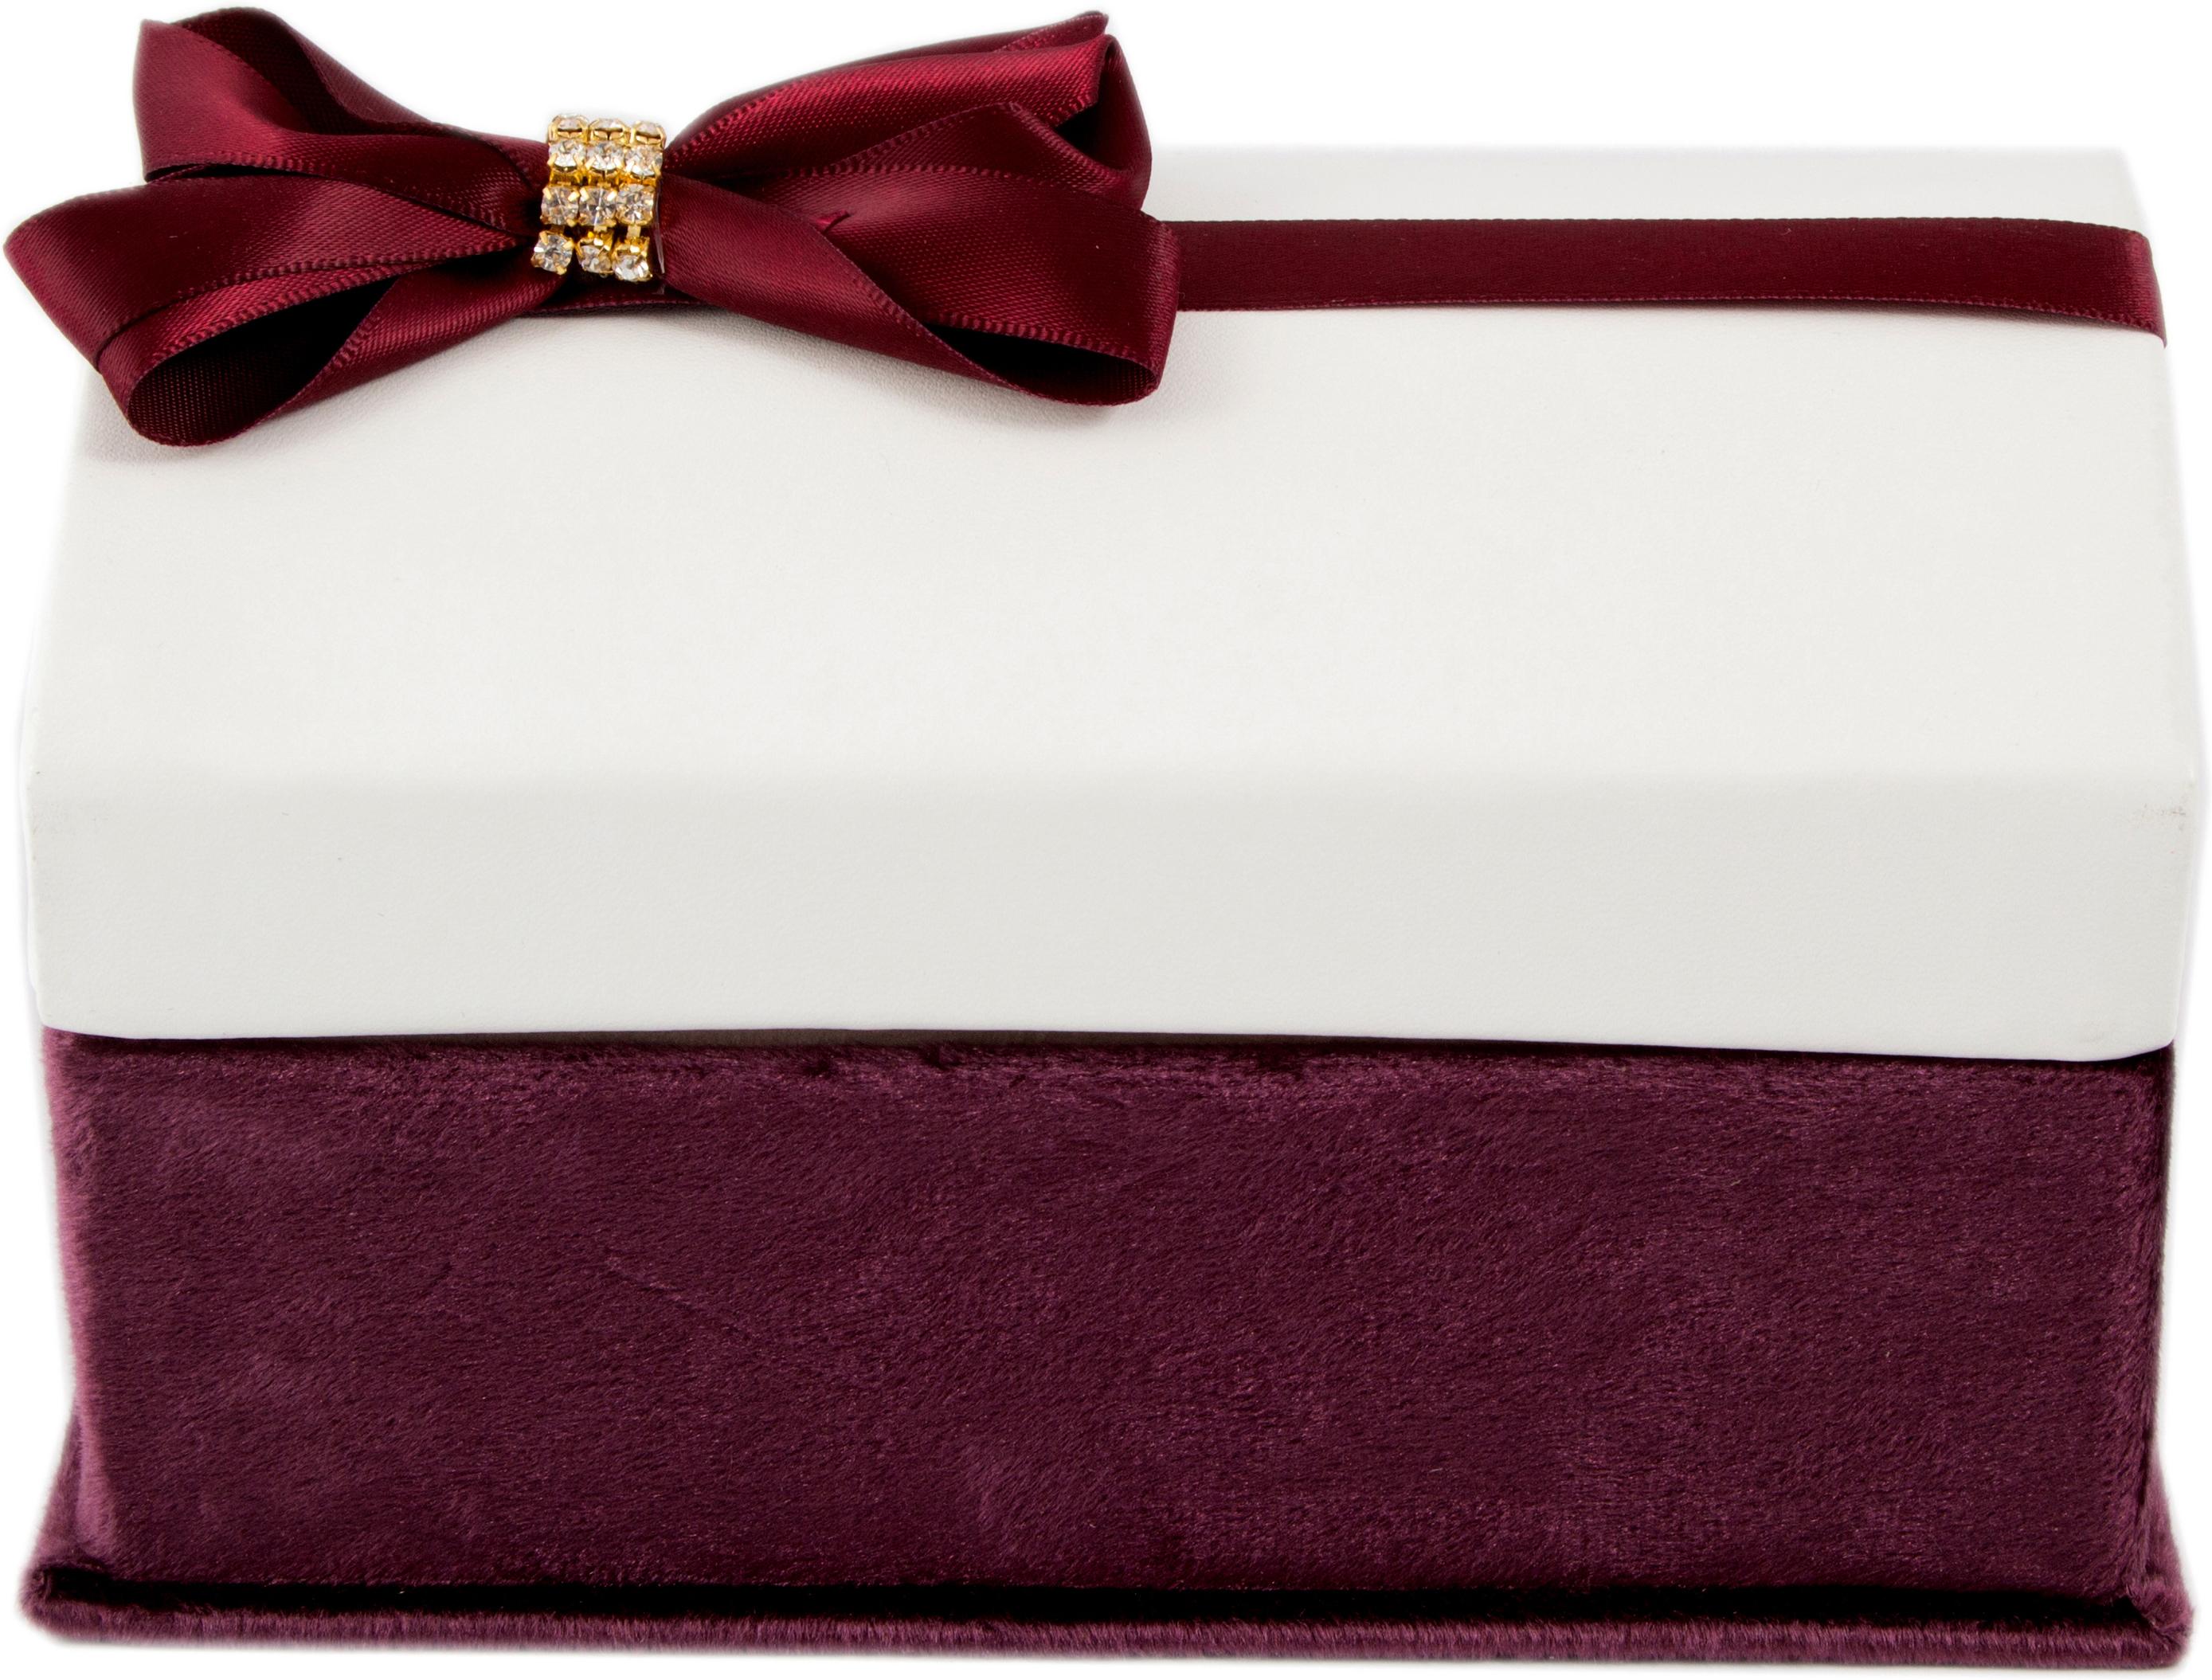 Шкатулка для украшений, цвет: бордовый, 17 х 13 х 11 см. 84573 шкатулка для ювелирных украшений moretto 18 х 13 х 5 см 139530